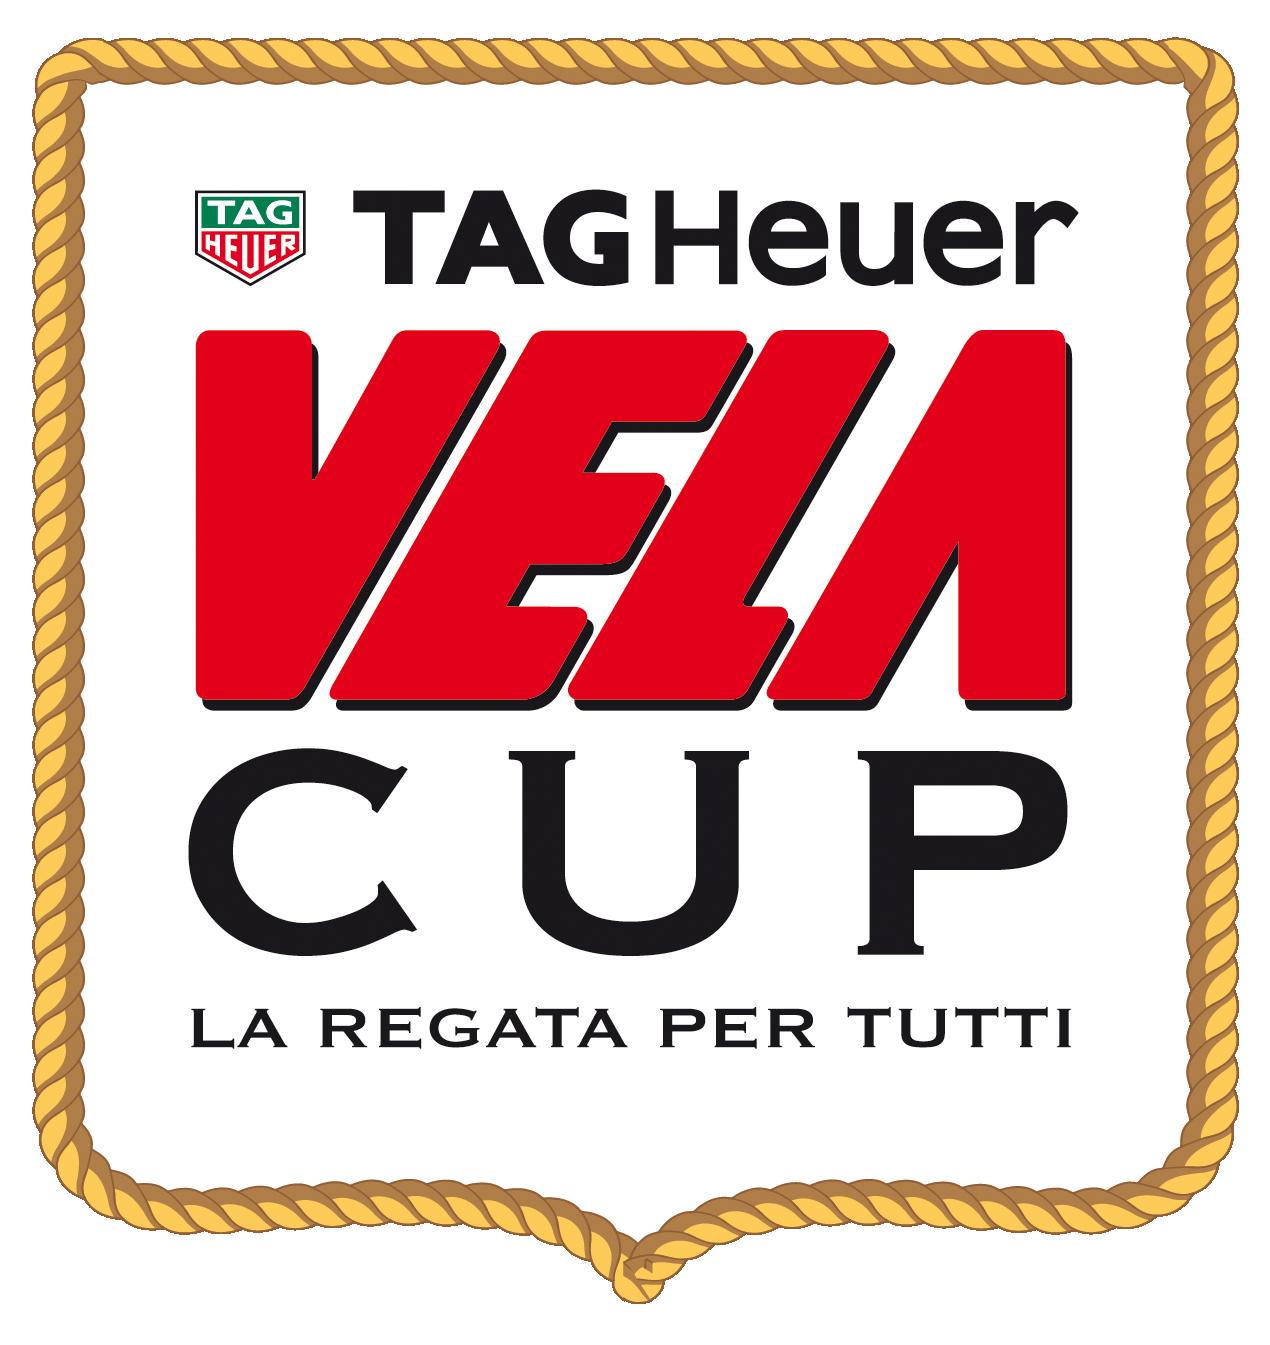 velacup-new-tag_2016_la-regata-per-tutti